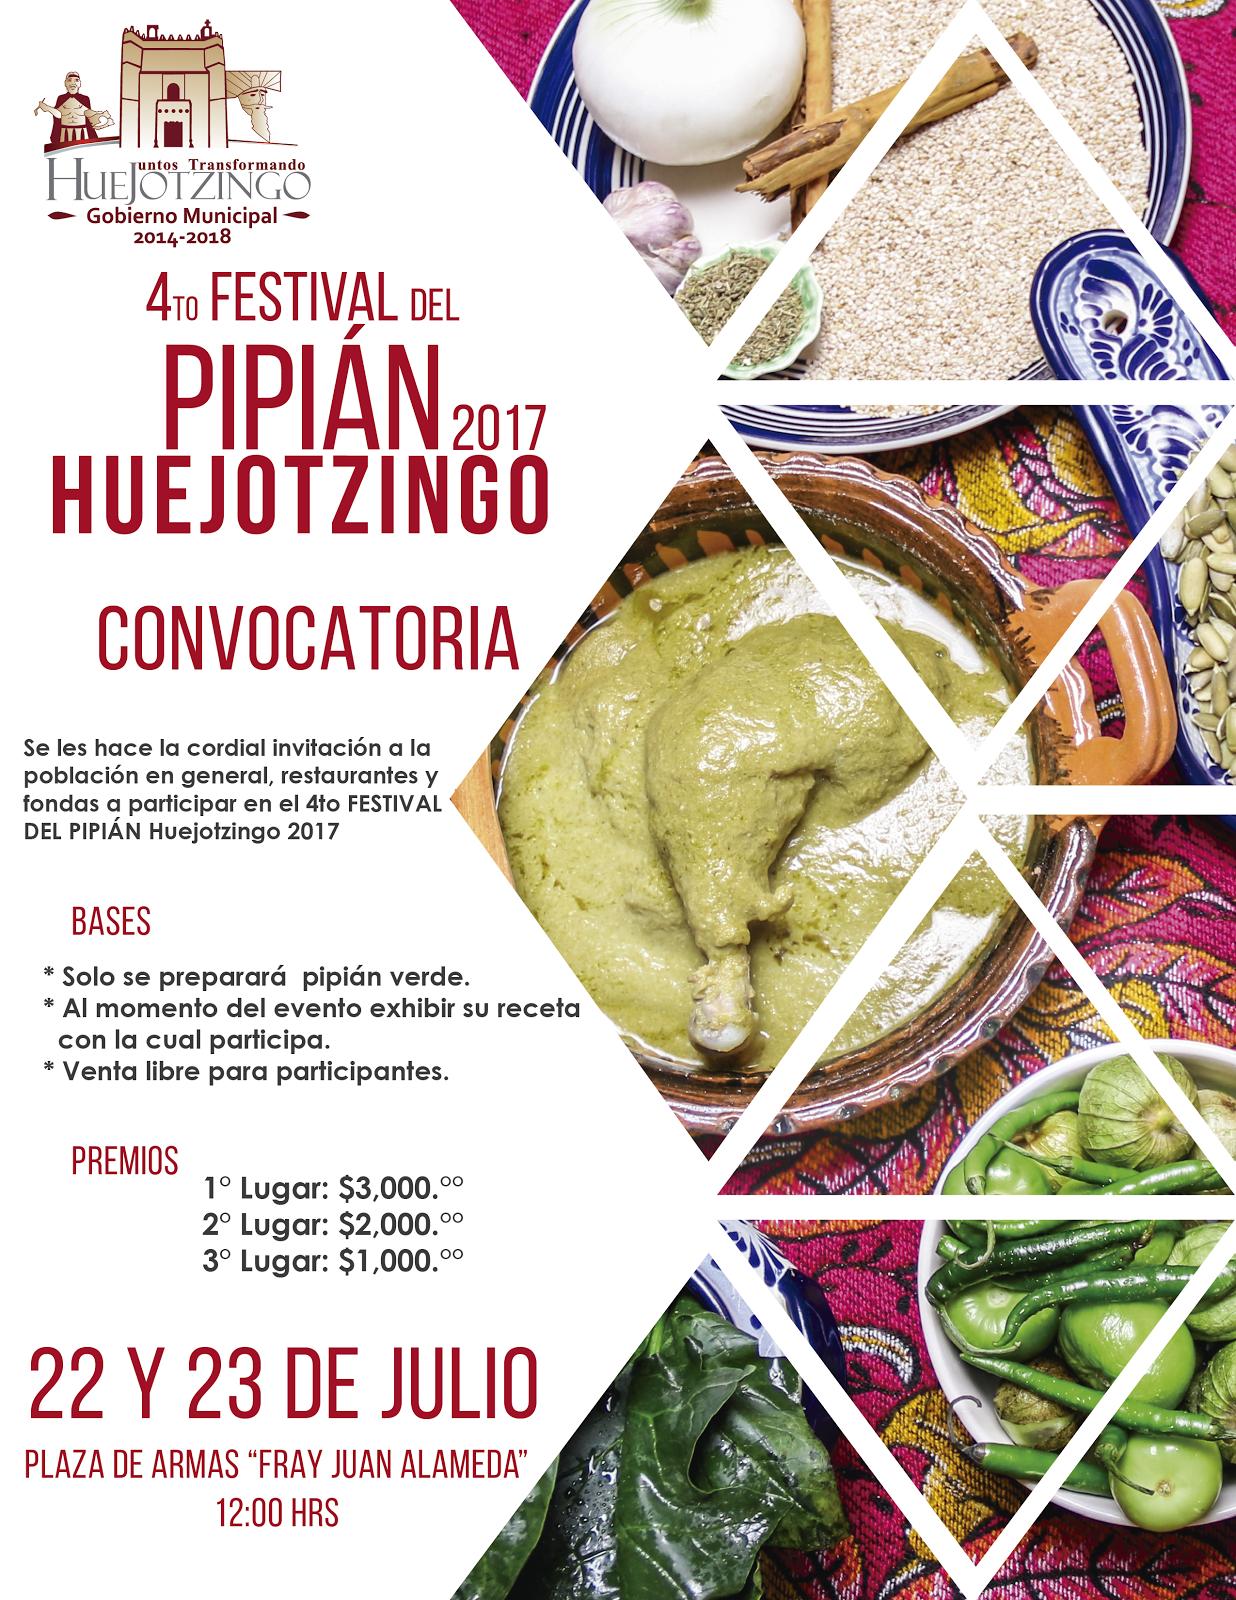 Ven a Huejotzingo a disfrutar del pipián verde